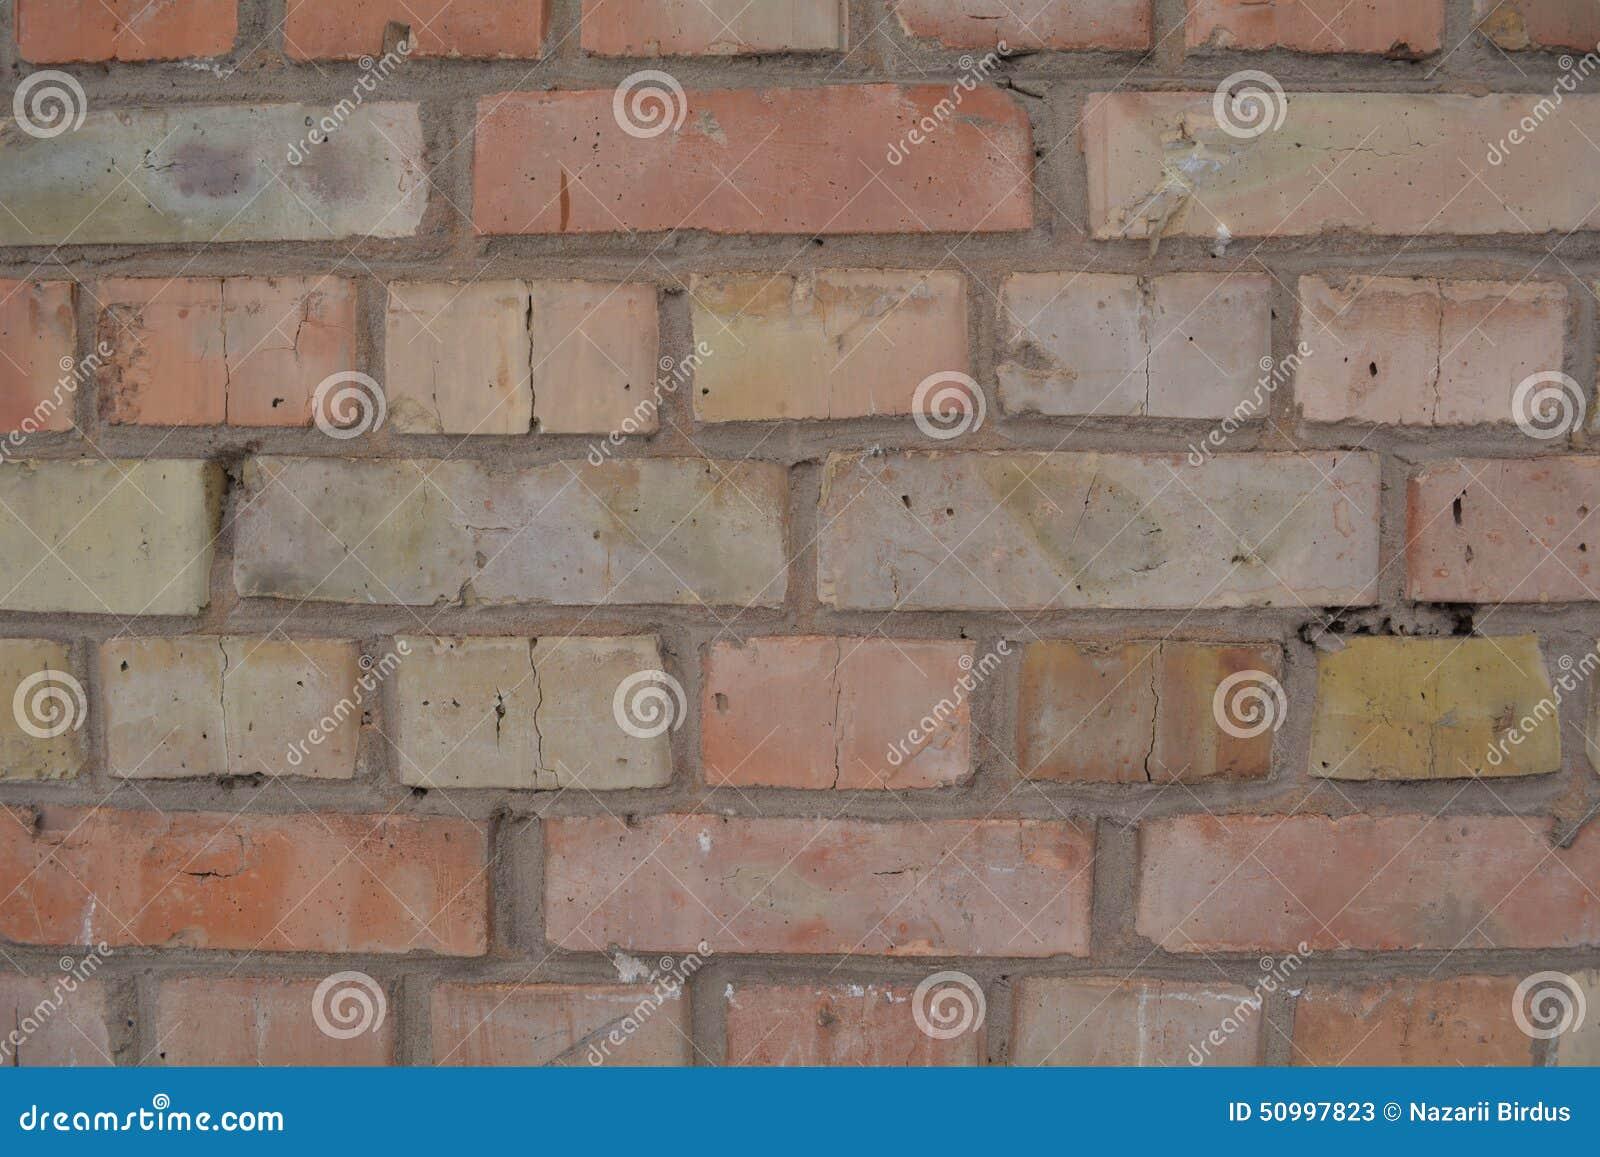 Texture Jaune Rouge De Fond De Mur De Briques Image stock - Image du conception, vide: 50997823